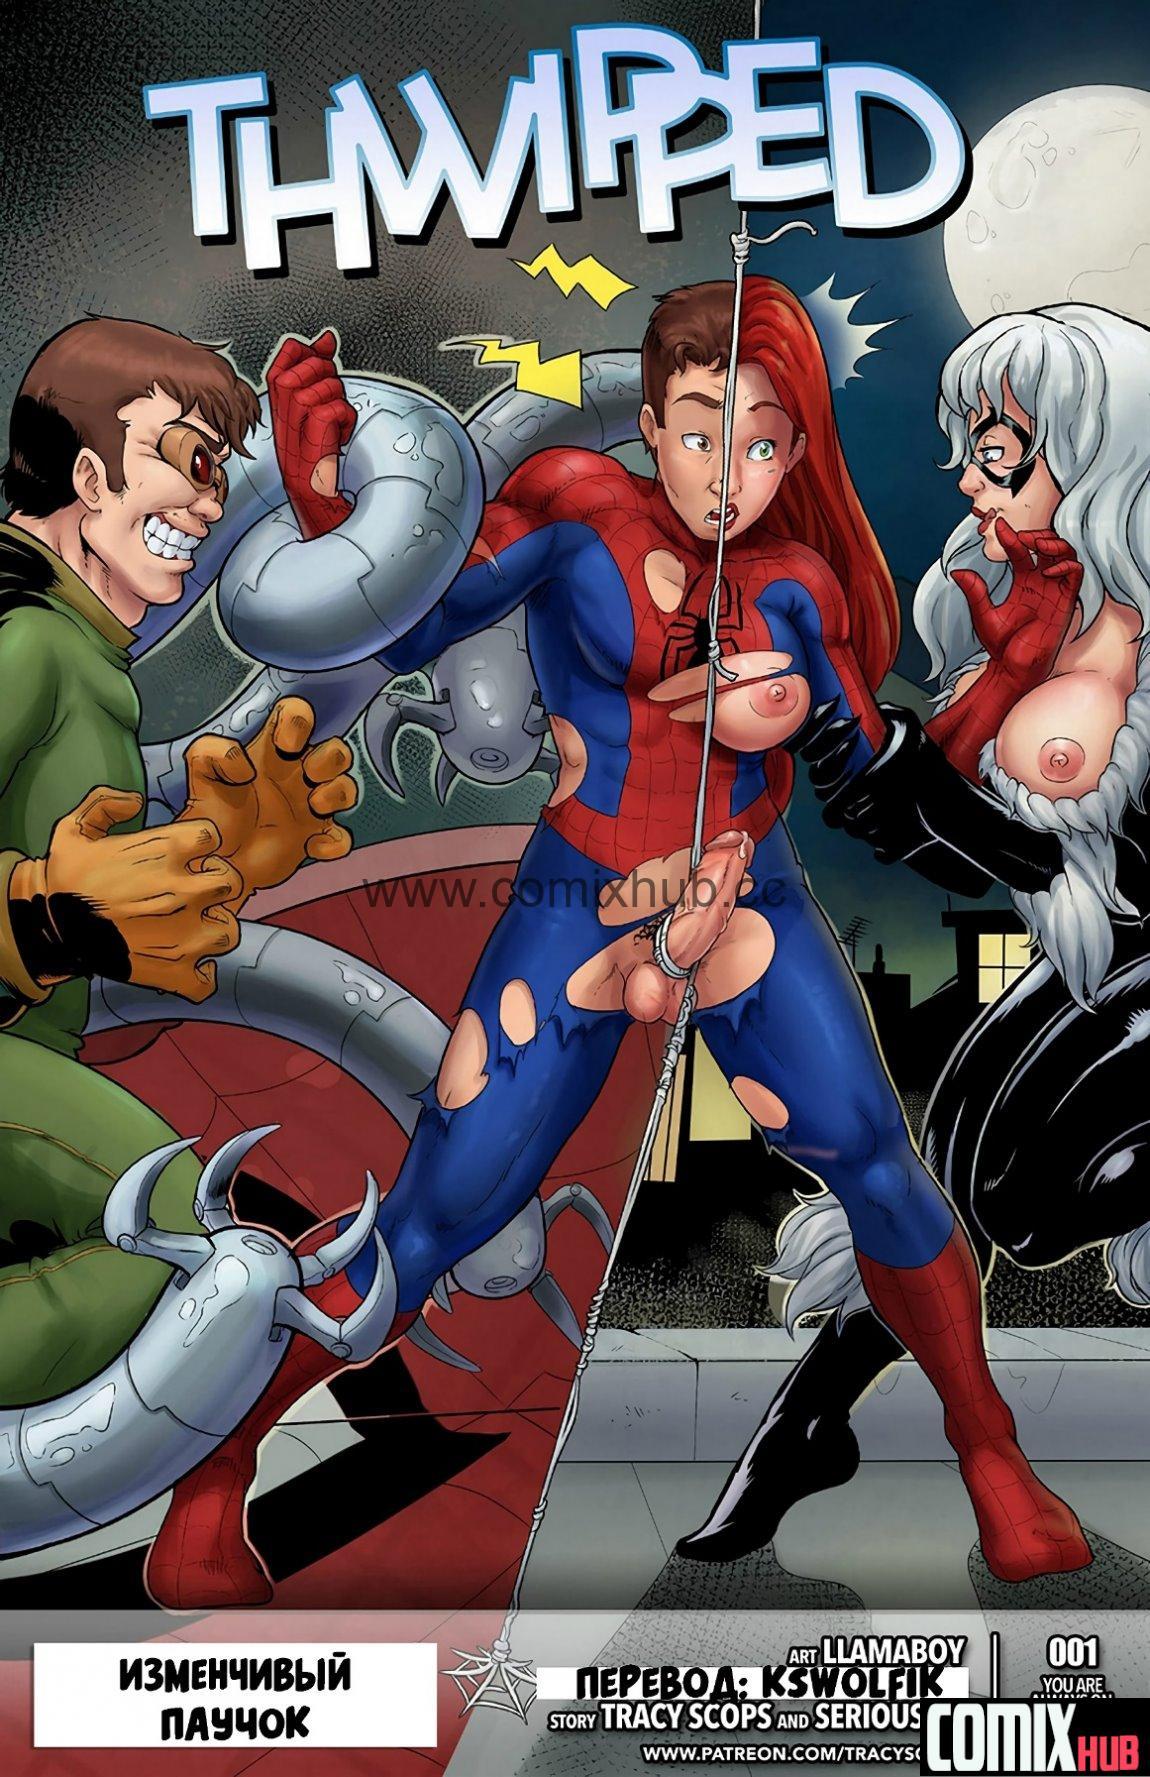 Порно комикс, Изменчивый паучок Порно комиксы, Анал, Большая грудь, Измена, Мастурбация, Супер-герои